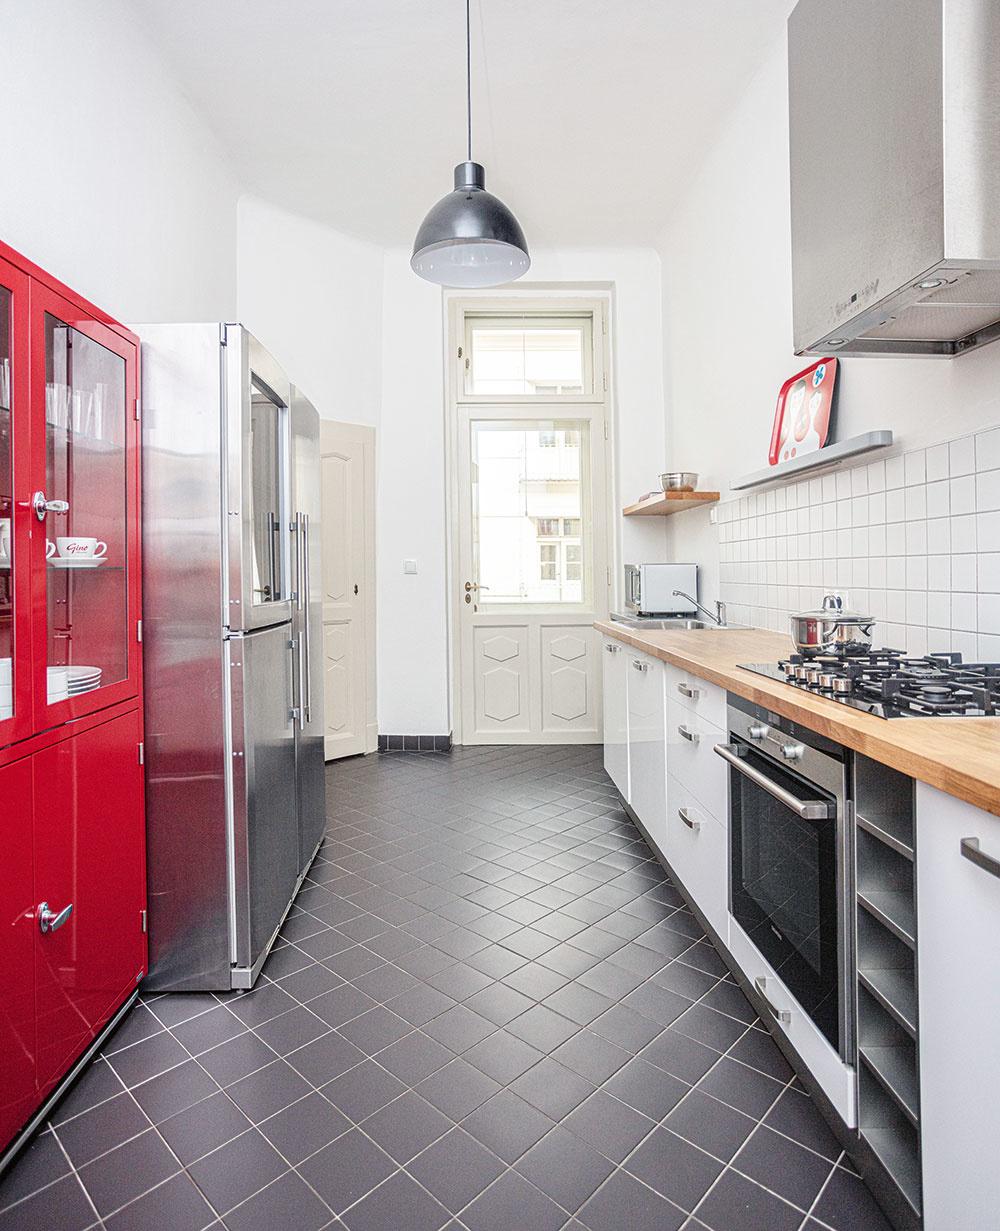 Jednoduchosť aúčelnosť je hlavnou témou kuchyne. Švih jej dodáva červený lakovaný príborník so zasklenými dverami, drevená pracovná doska do nej zas vnáša teplo ajasný ľudský rozmer.